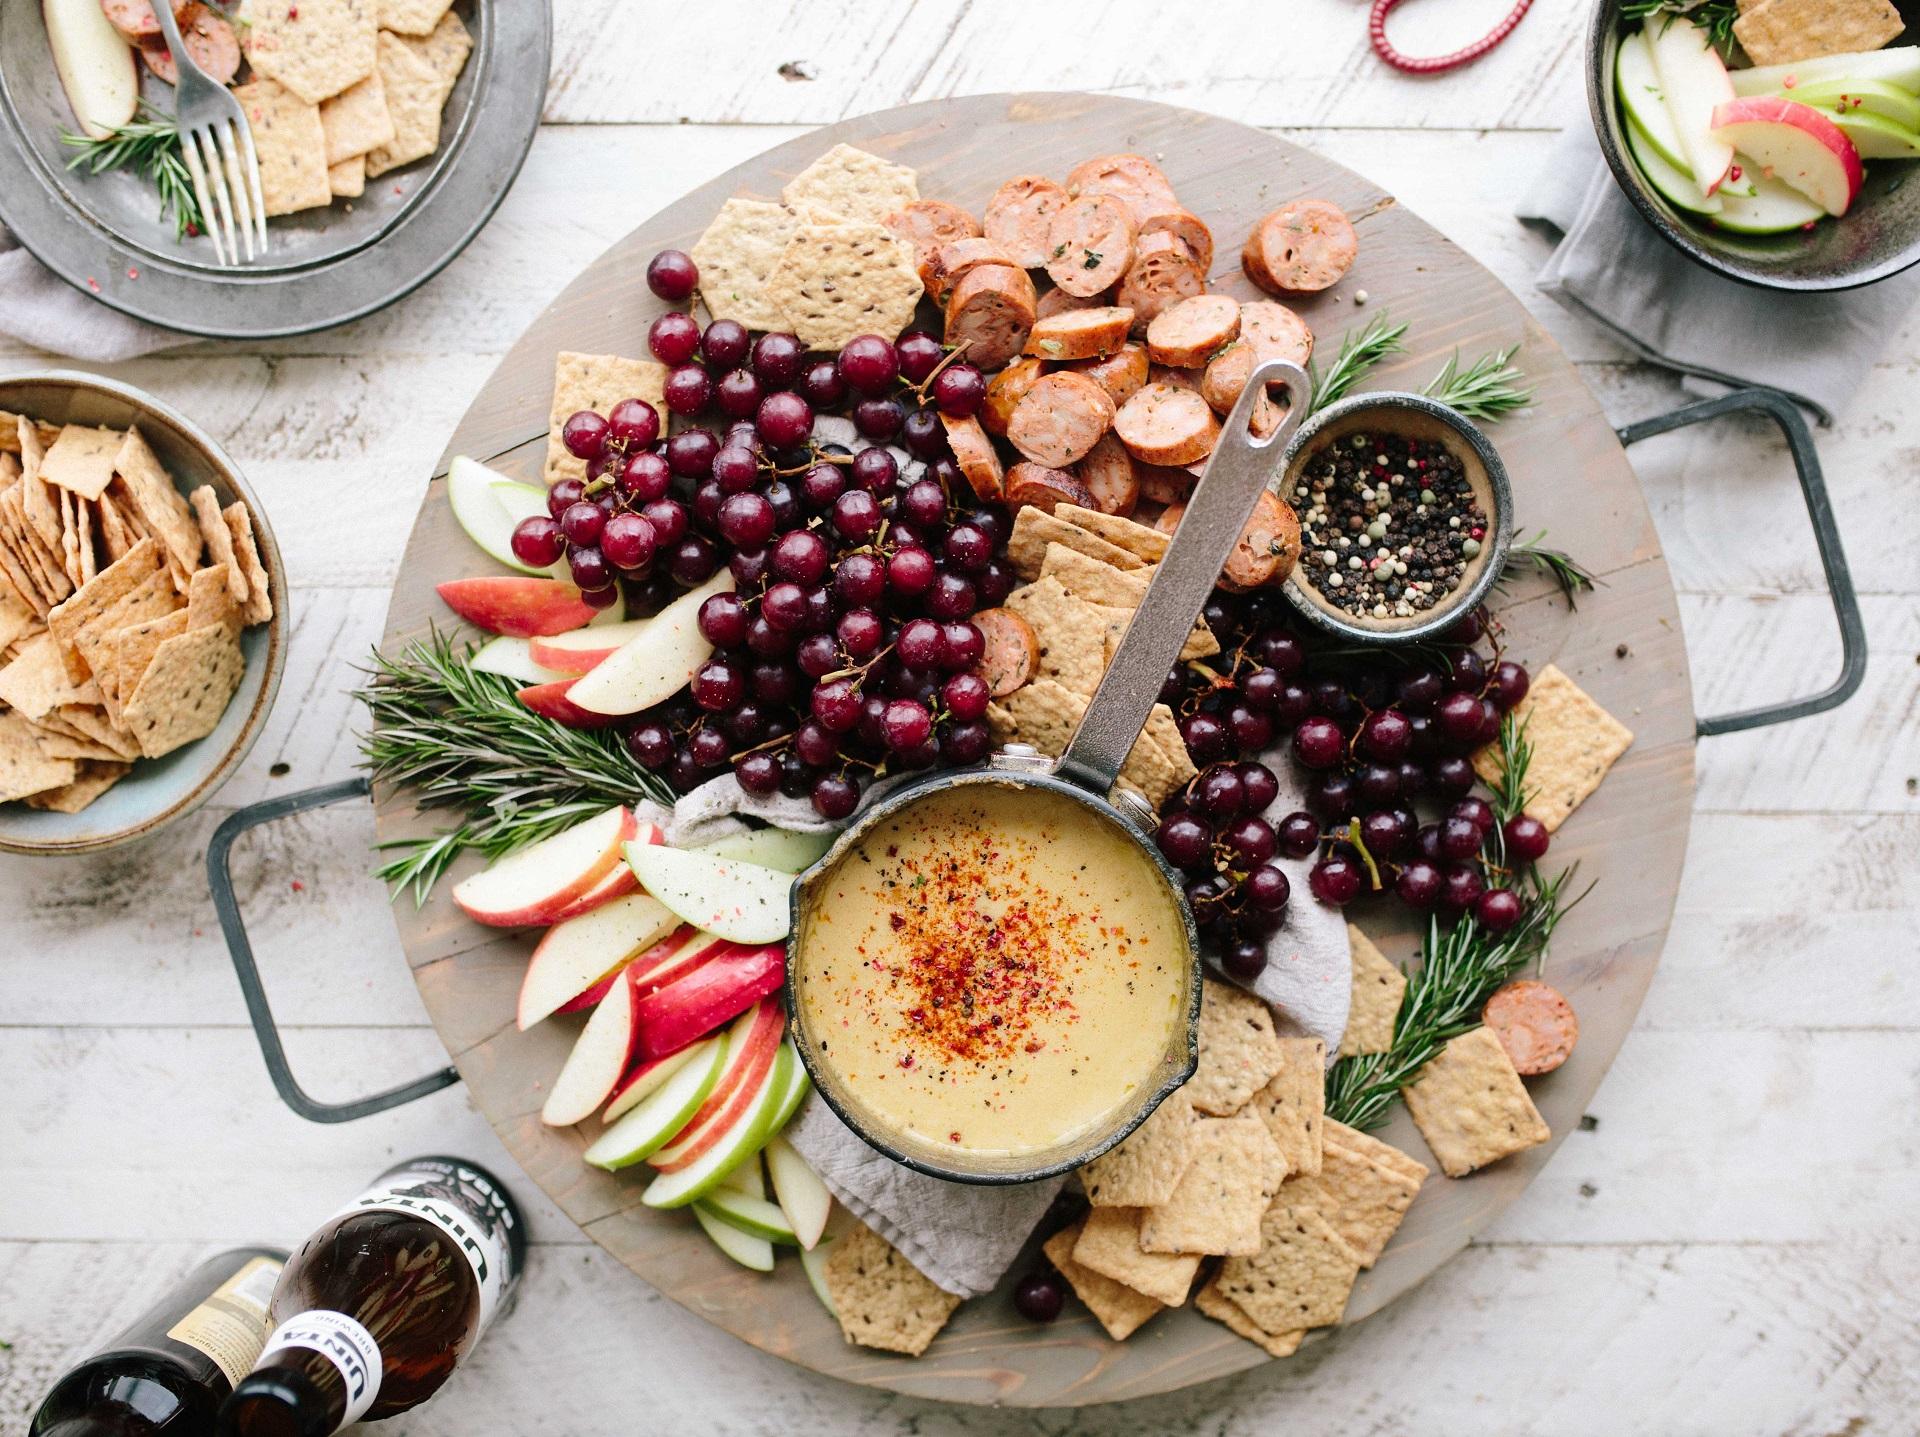 dieta mediterranea _ distribuzione alimentari